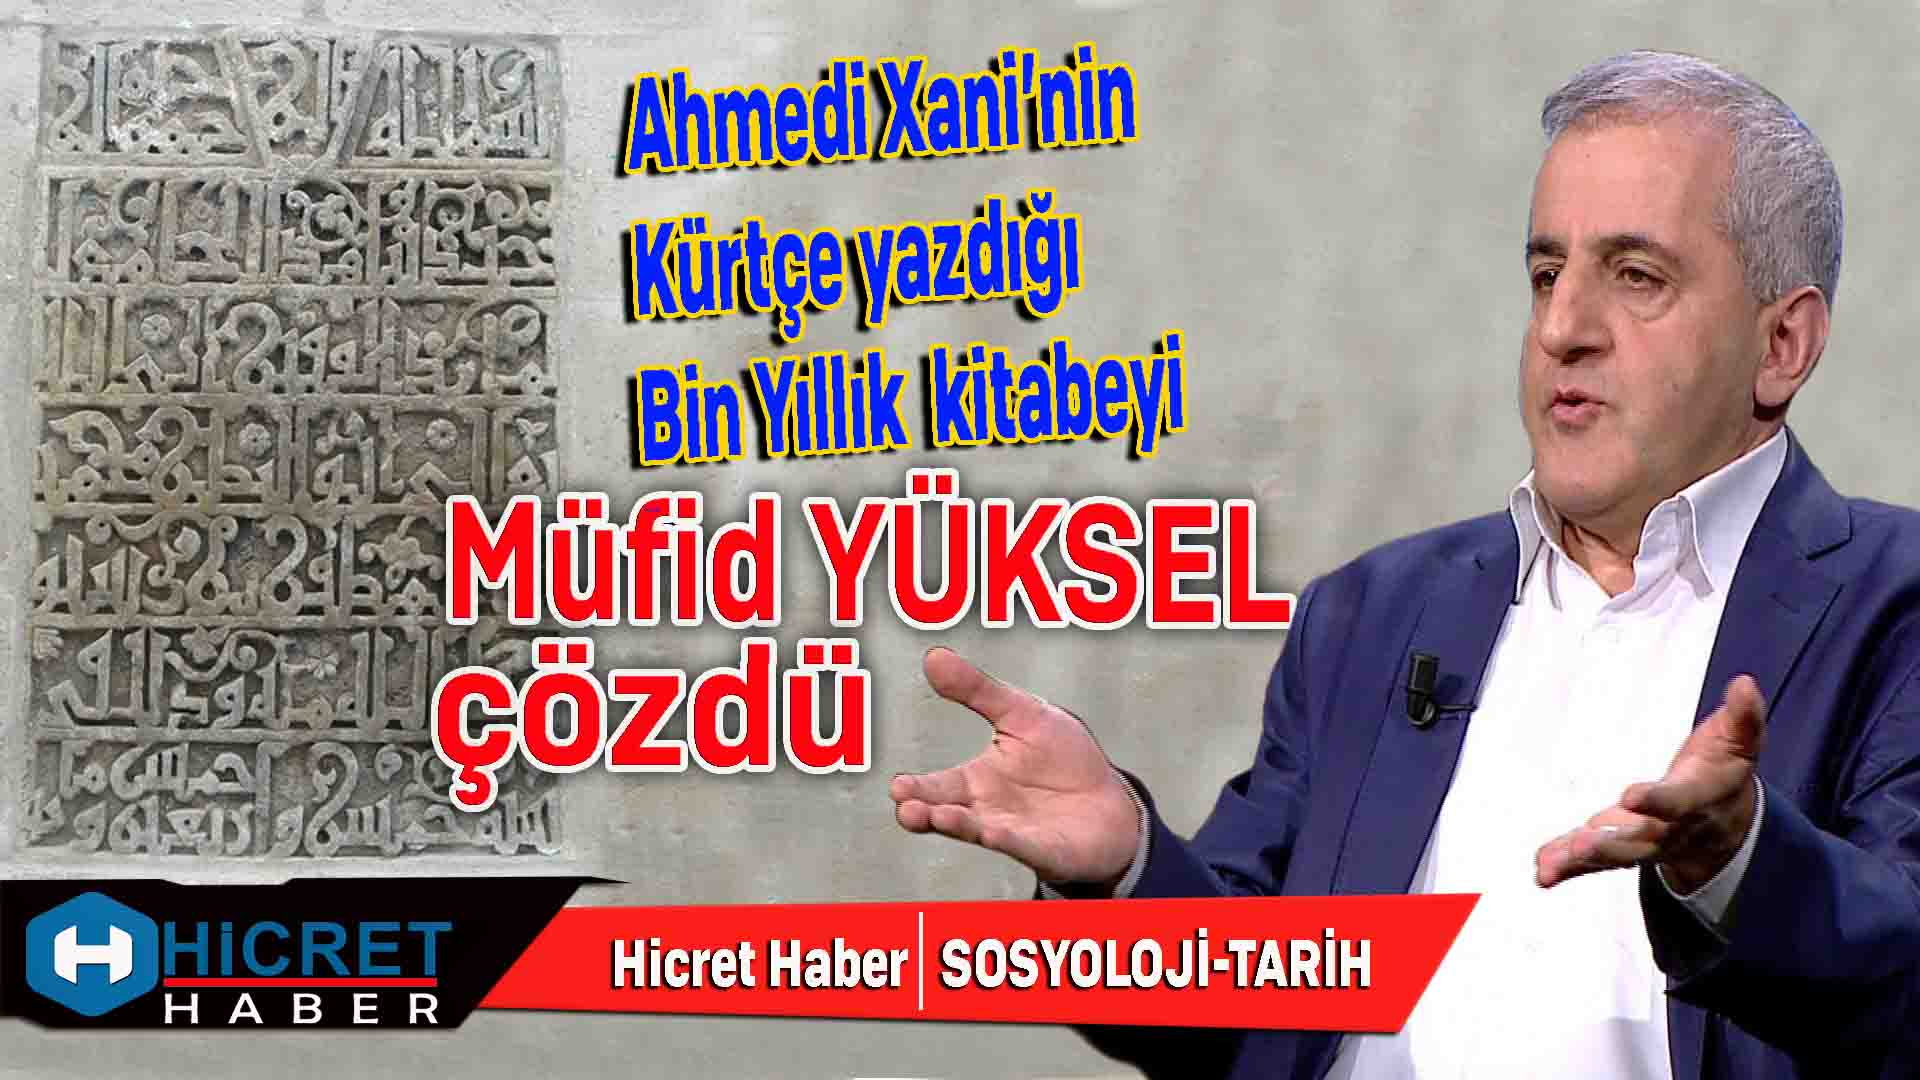 Ahmed-i Hani'nin Kürtçe Yazdığı Bin Yıllık Kitabeyi Müfid Yüksel Çözdü